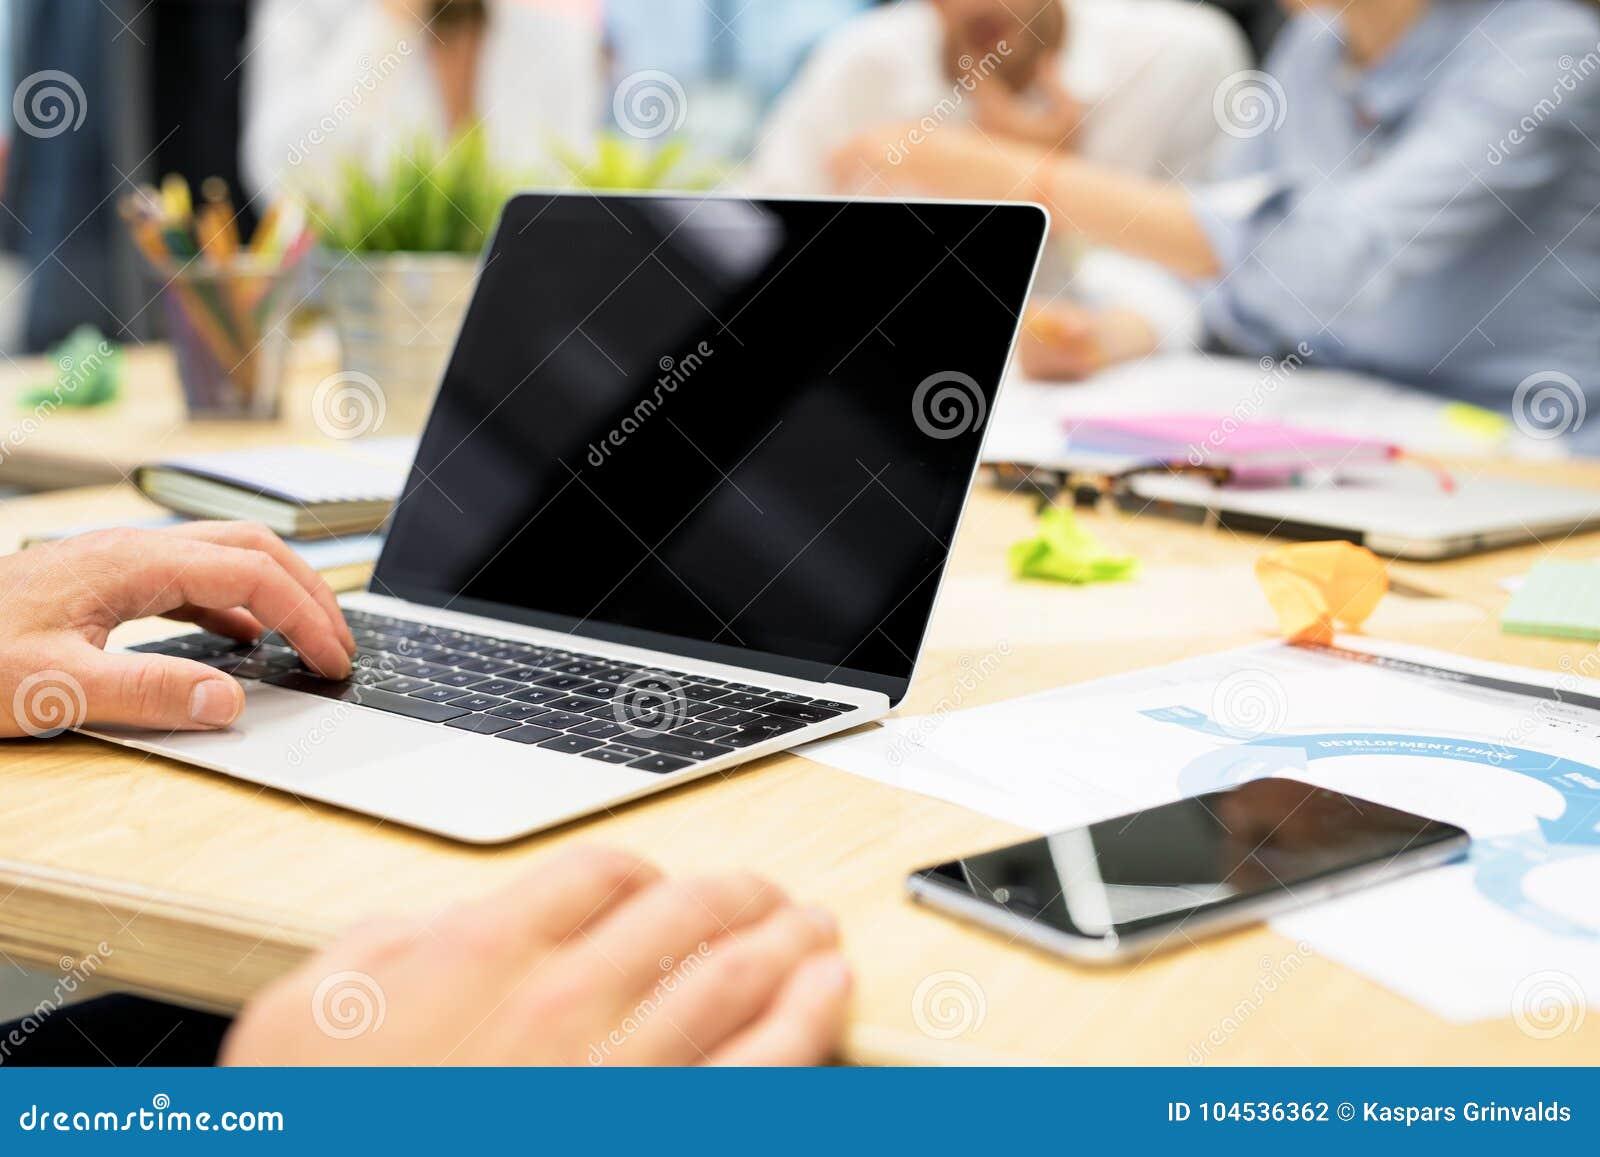 Personne dans le bureau travaillant sur l ordinateur portable